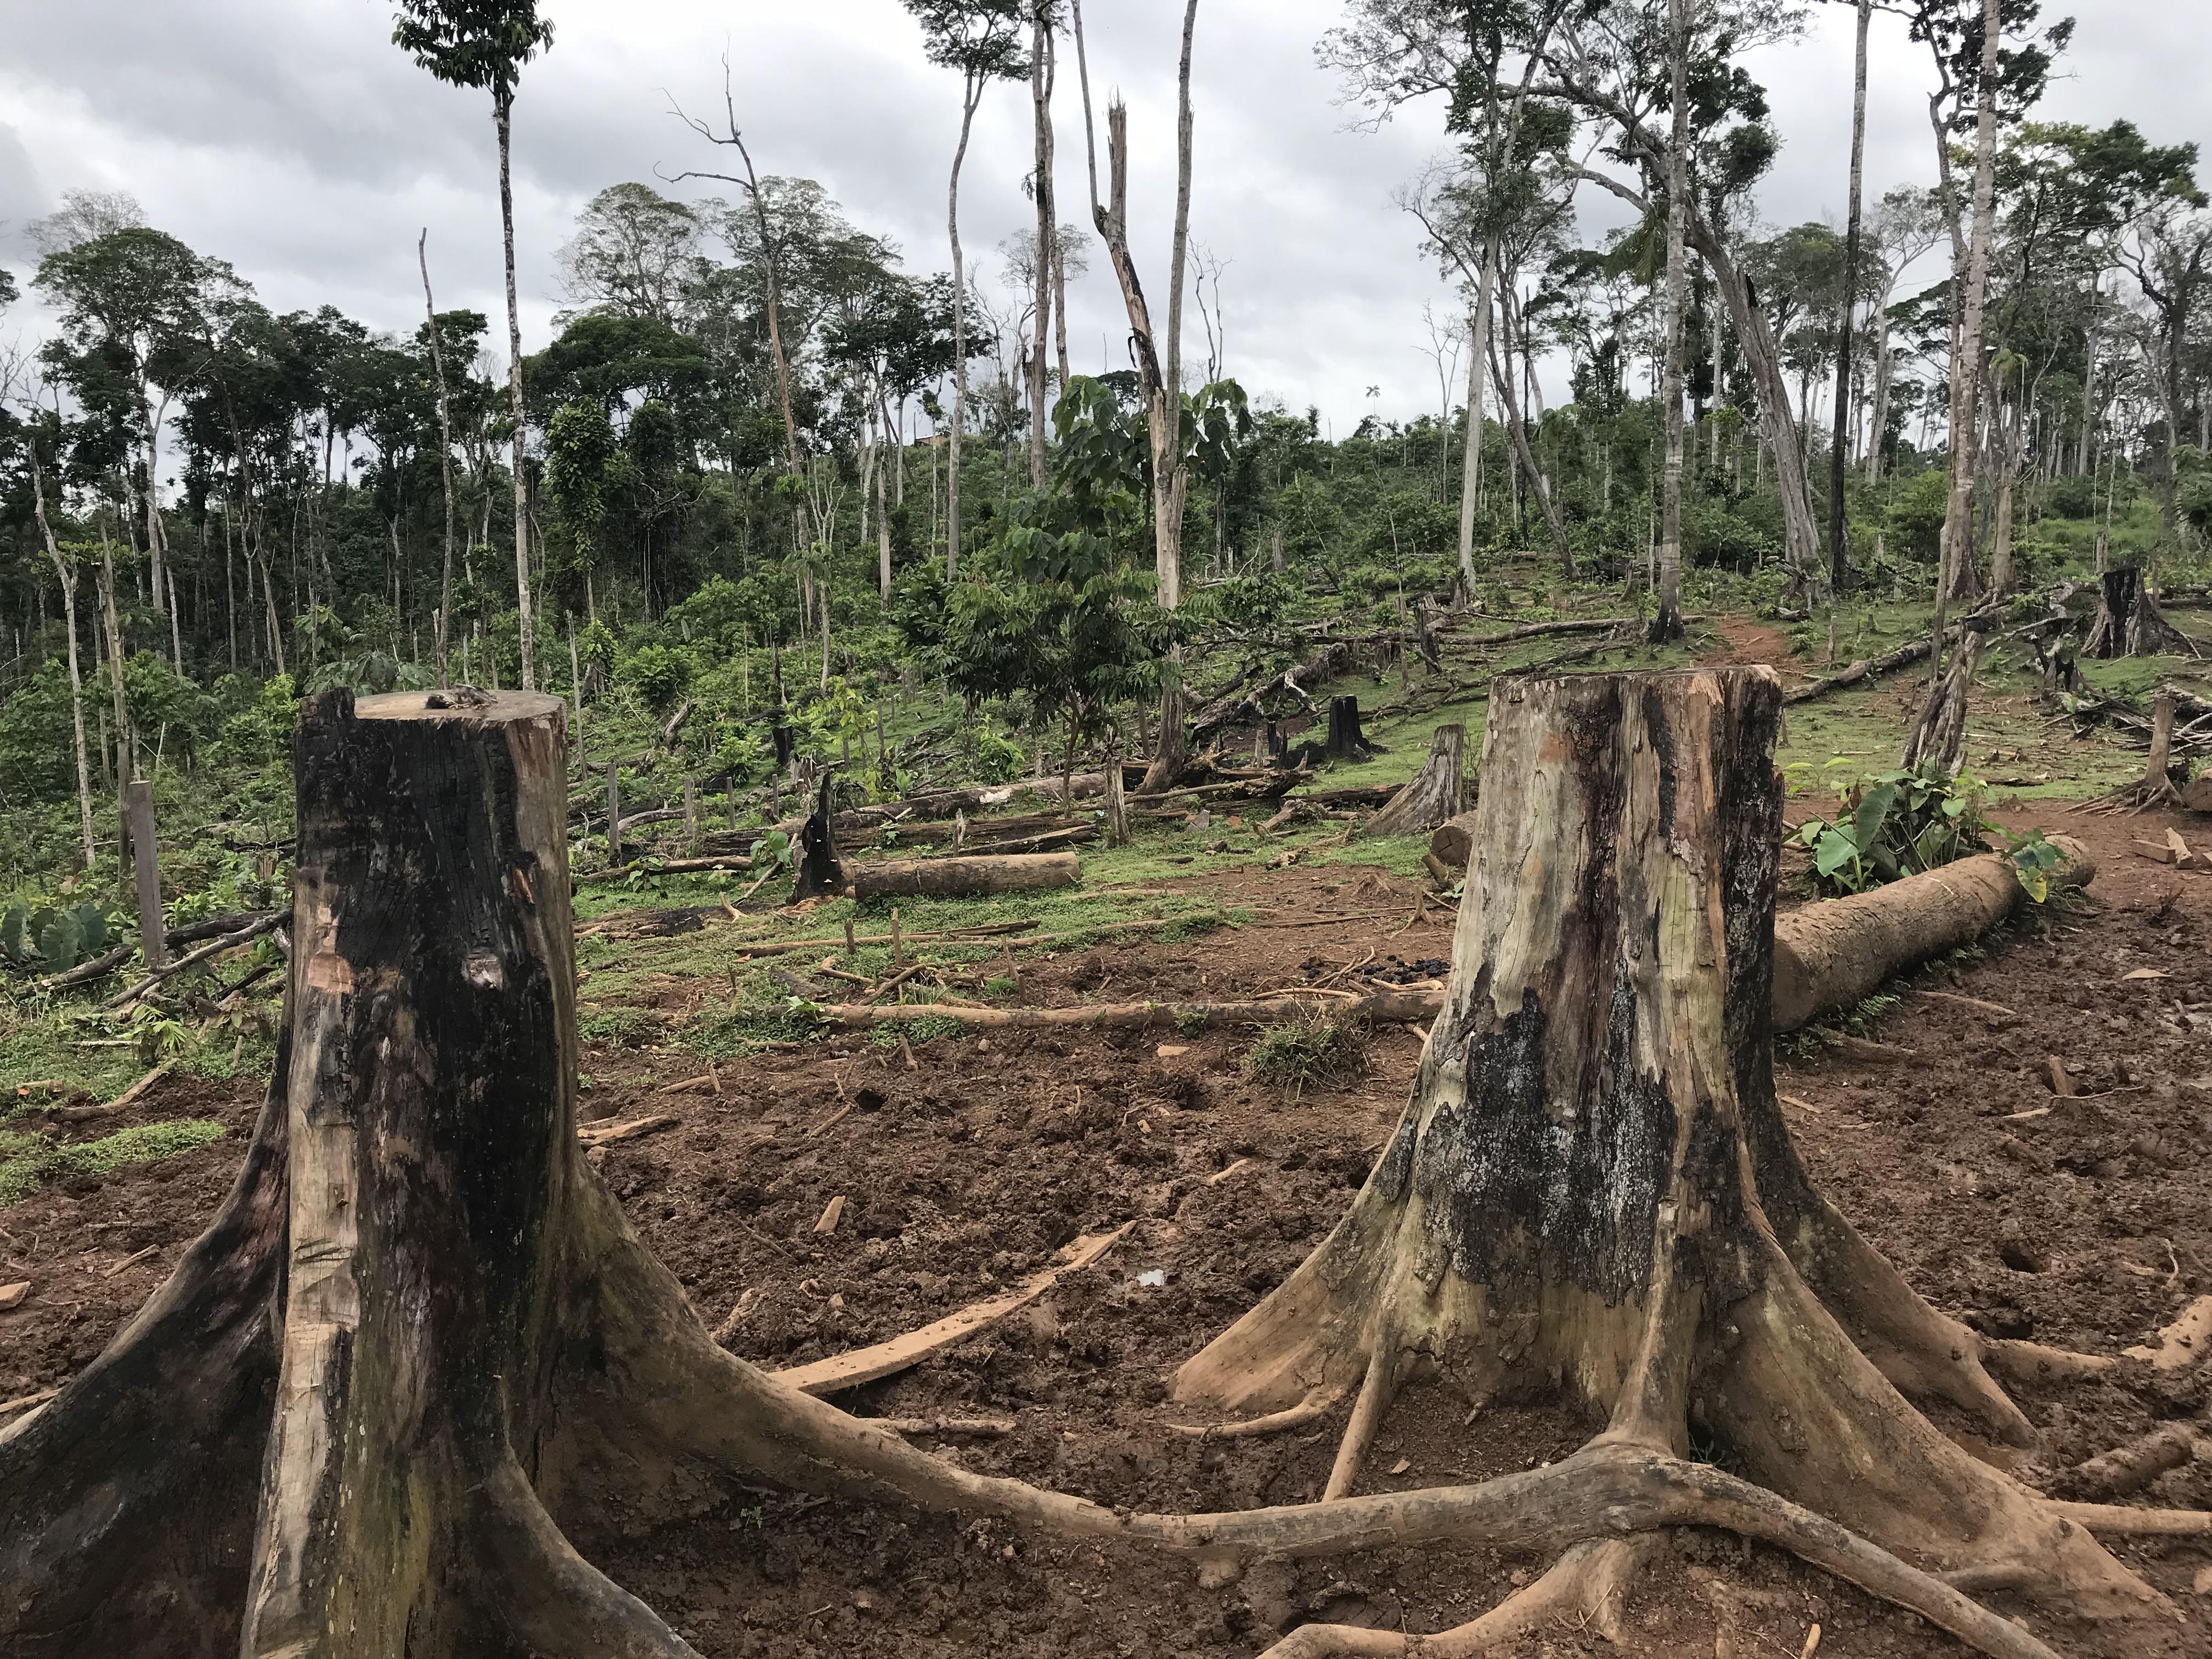 Miles de árboles tendrían que ser cortados para la construcción de una carretera que propone el Gobierno municipal de El Castillo. Foto: Onda Local